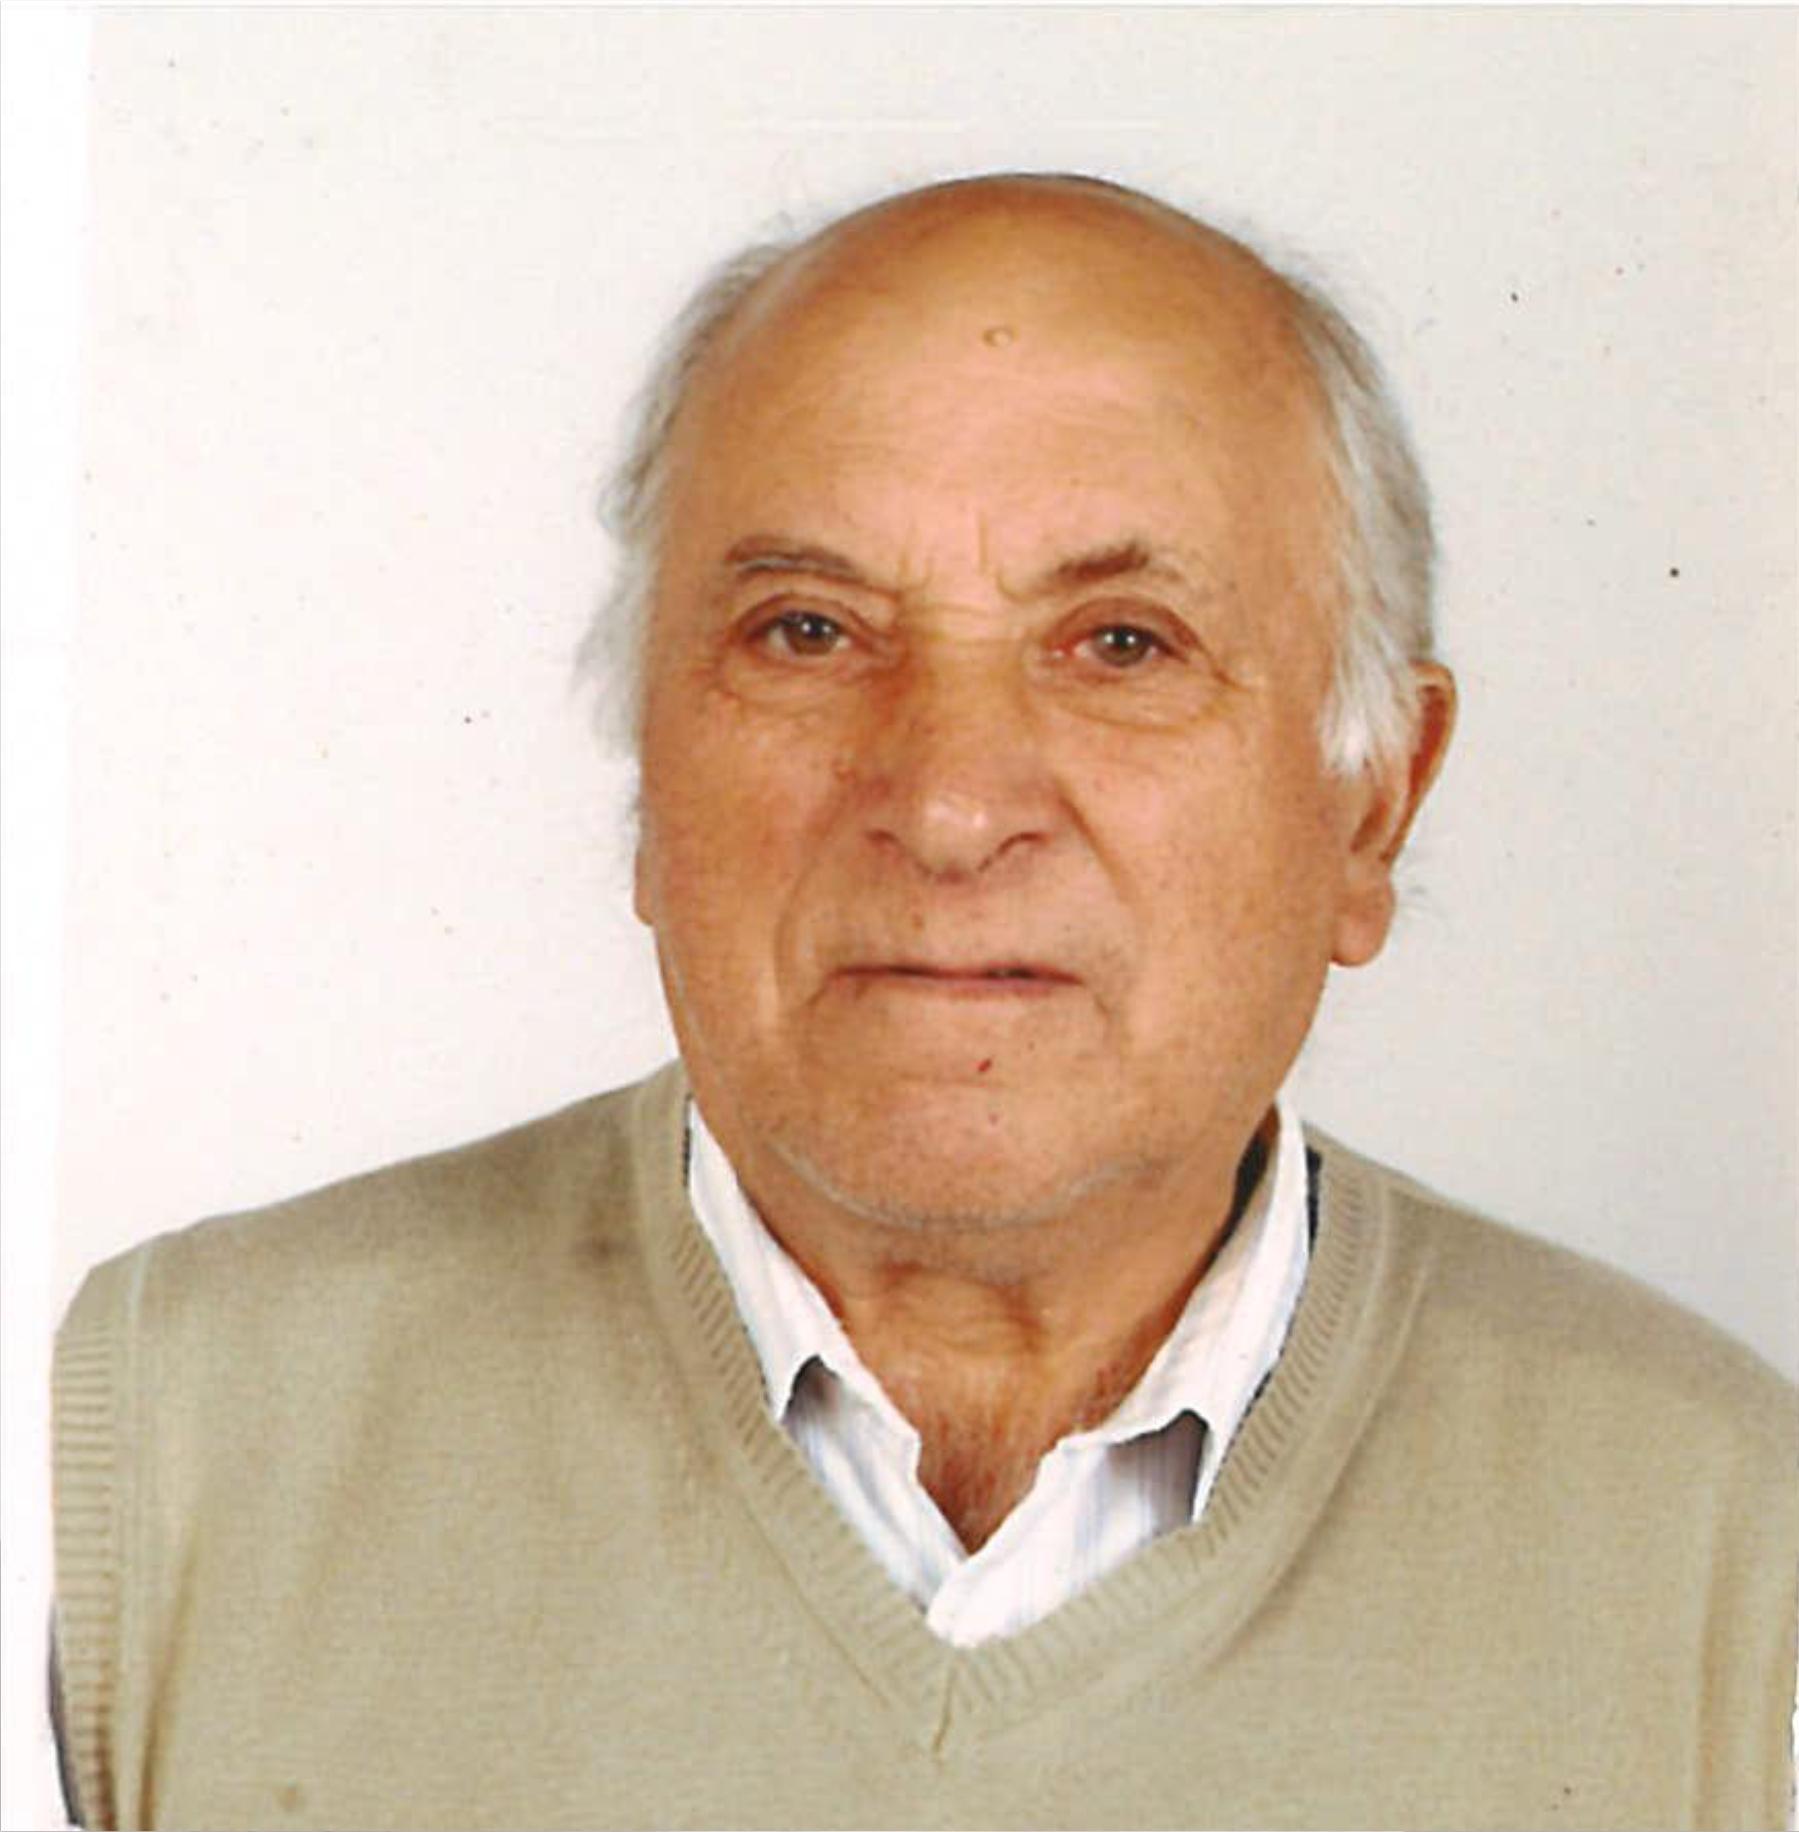 07-02-20 - José Maria Gonçalves Ferreira - Outeiro da Ranha